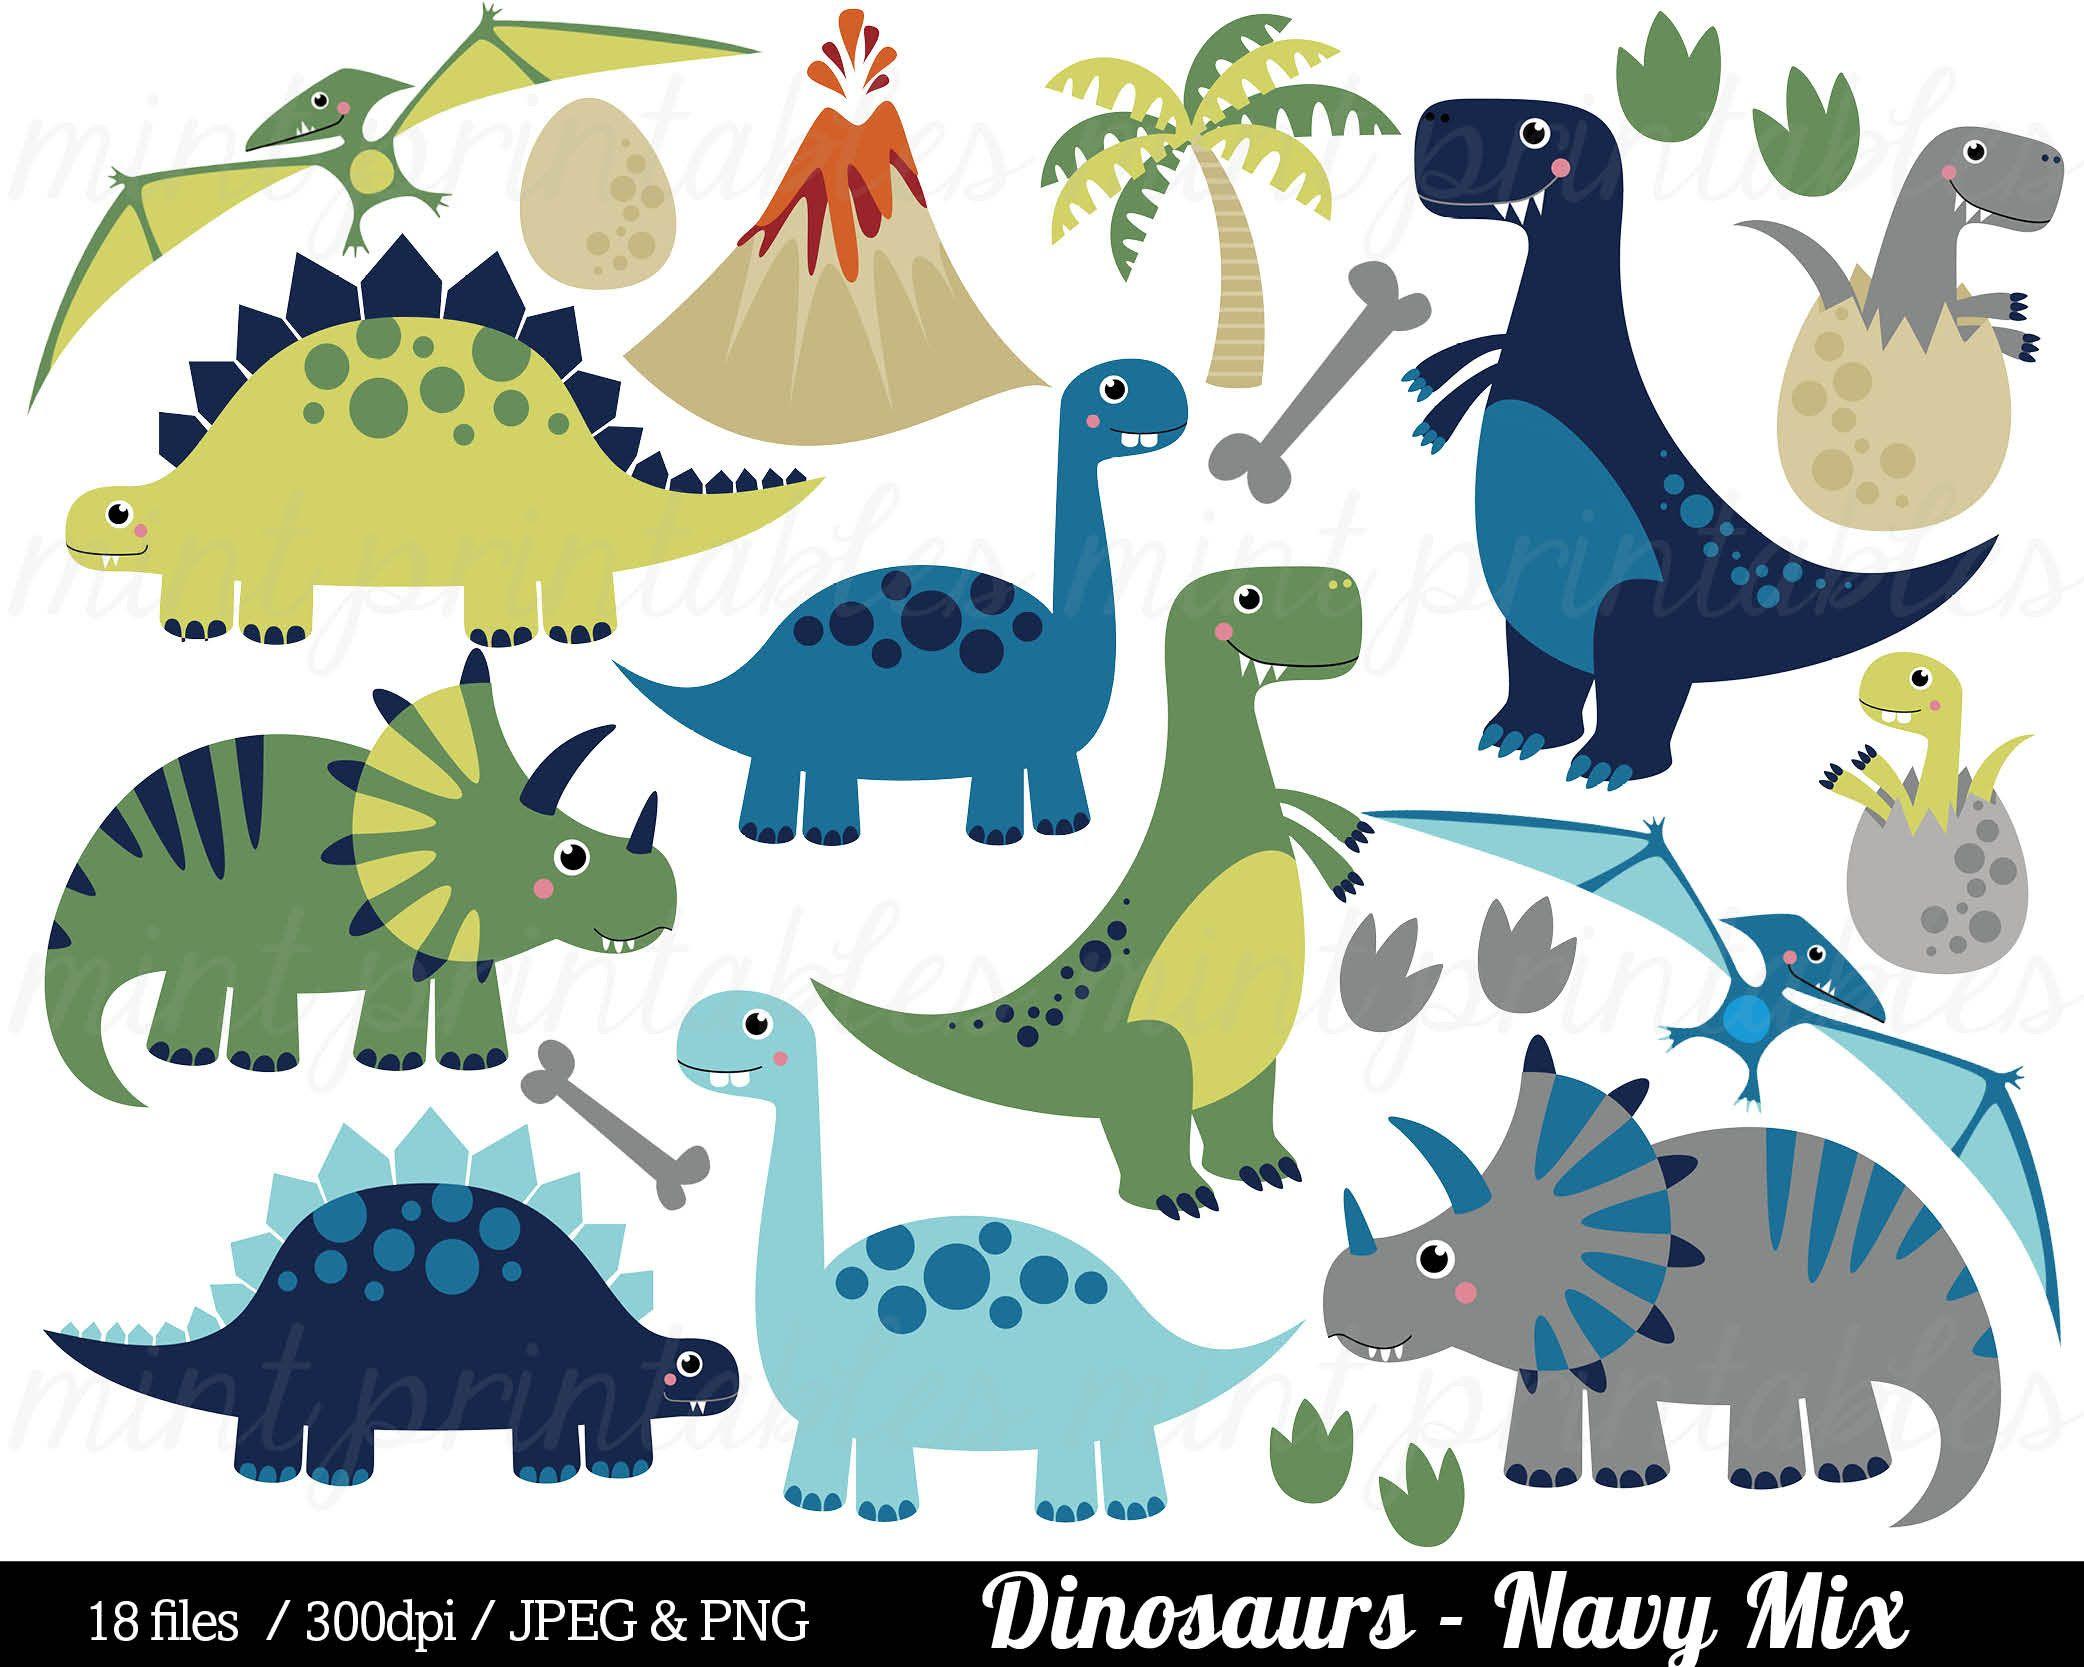 Dinosaur Clipart Dinosaurs Clip Art Tyrannosaurus Rex Etsy Dinosaur Clip Art Dinosaur Illustration Digital Clip Art Set